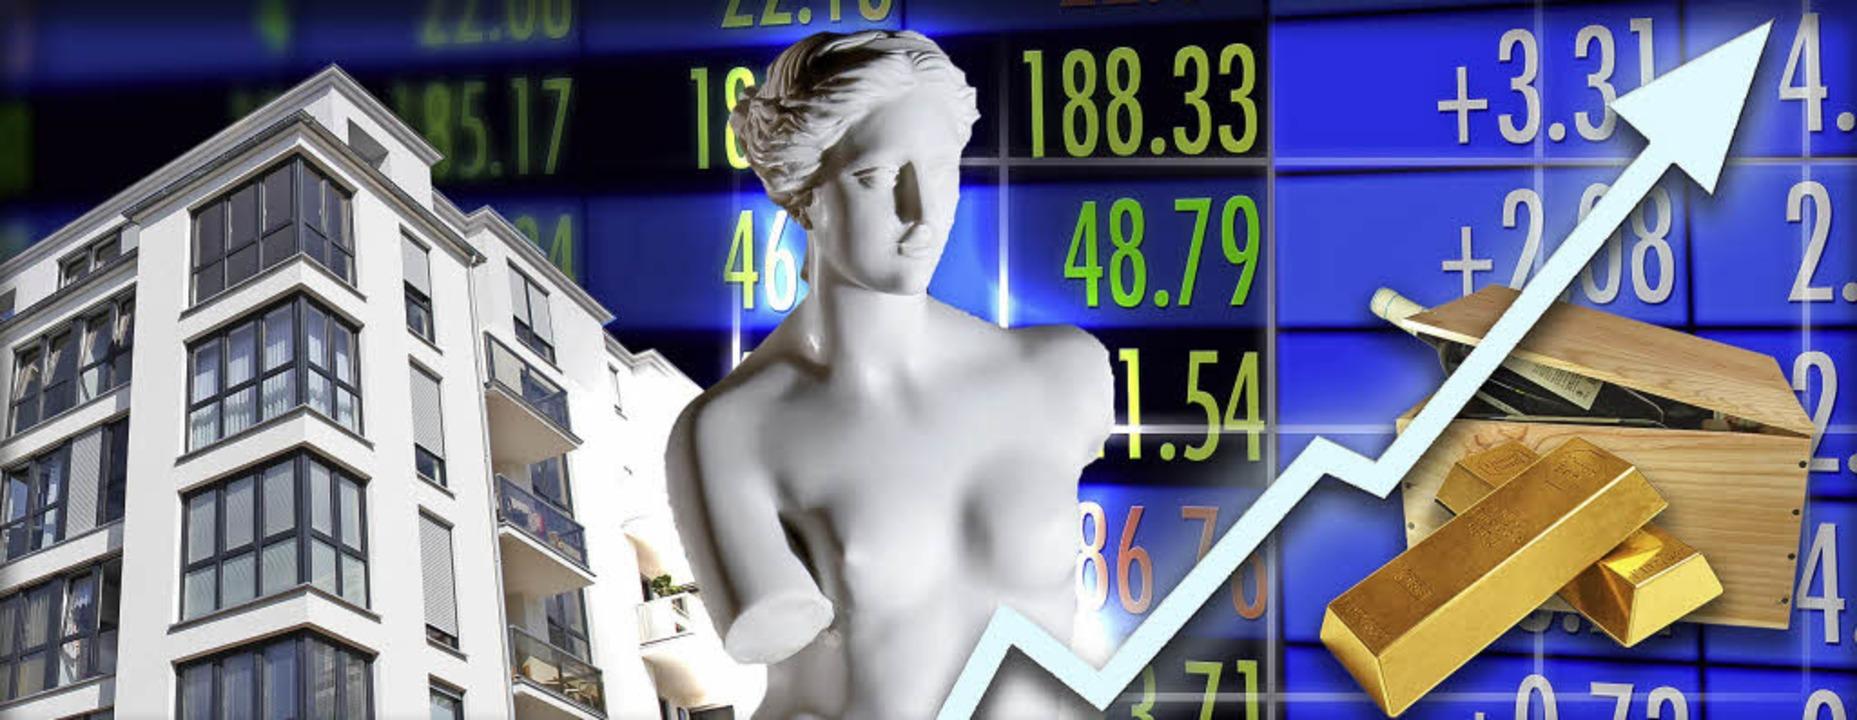 Möglichkeiten, Geld anzulegen gibt es ...ahren waren Aktien am ertragreichsten.    Foto: Fotos: adobe.com/Montage:zel